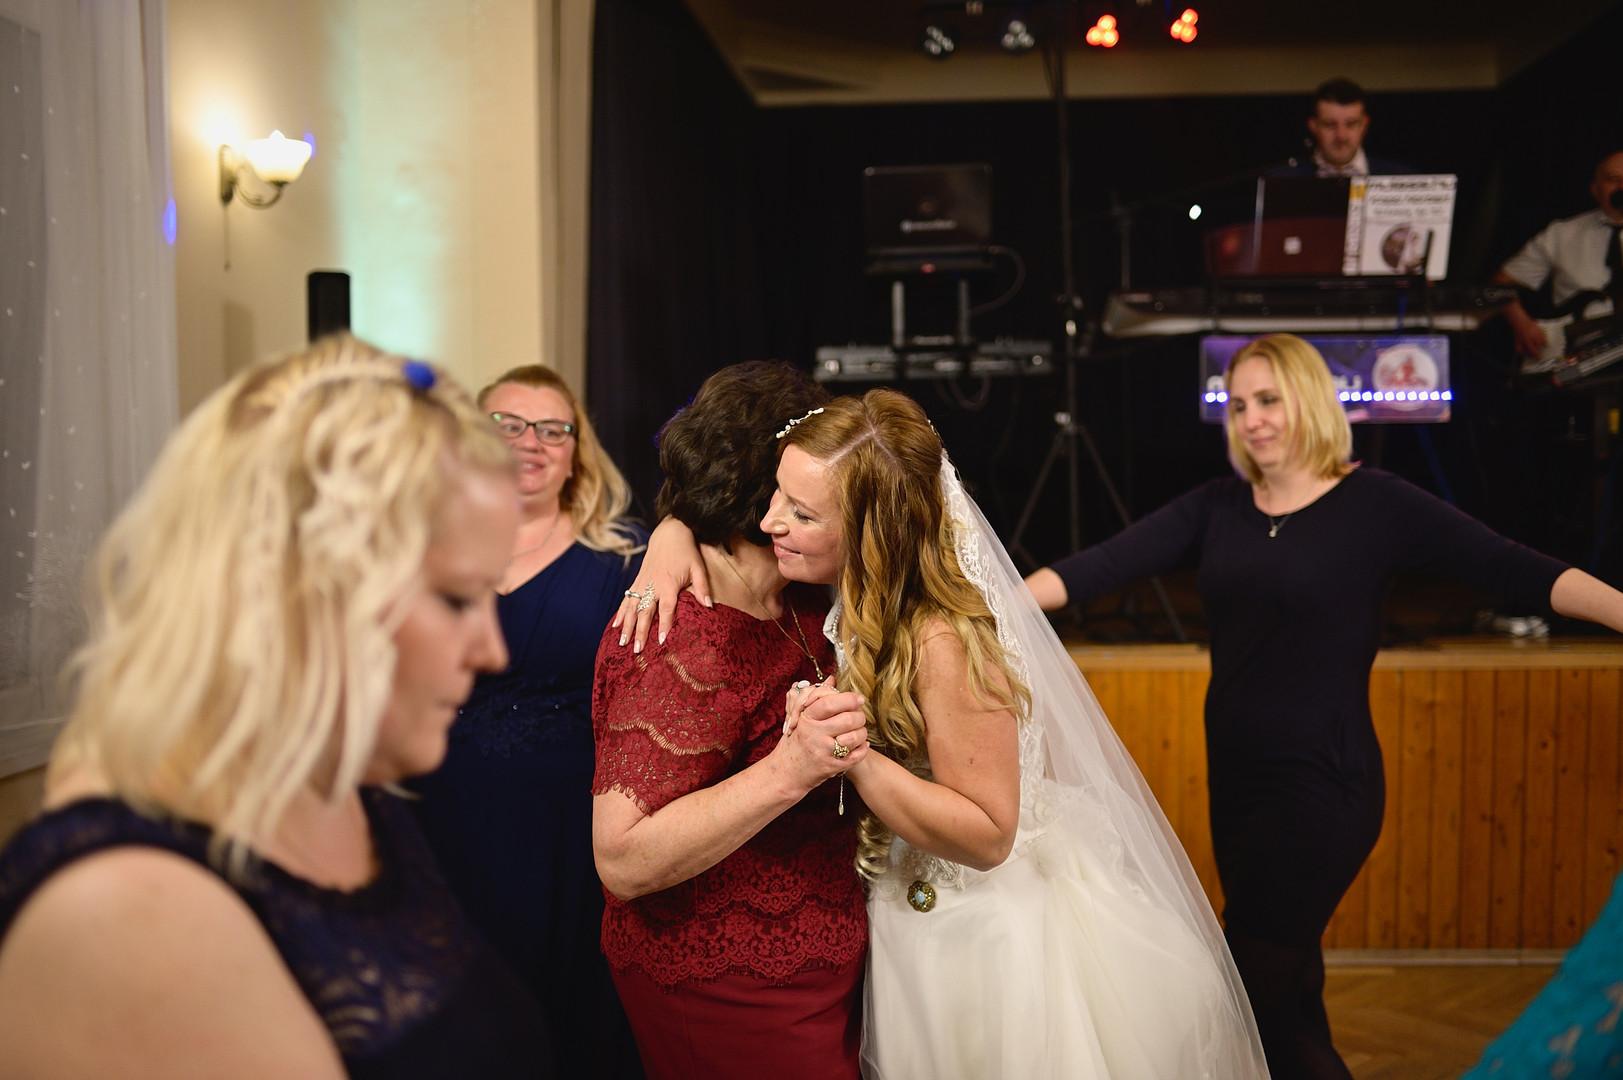 678  Esküvői fotózás - Enikő és Peti Bul